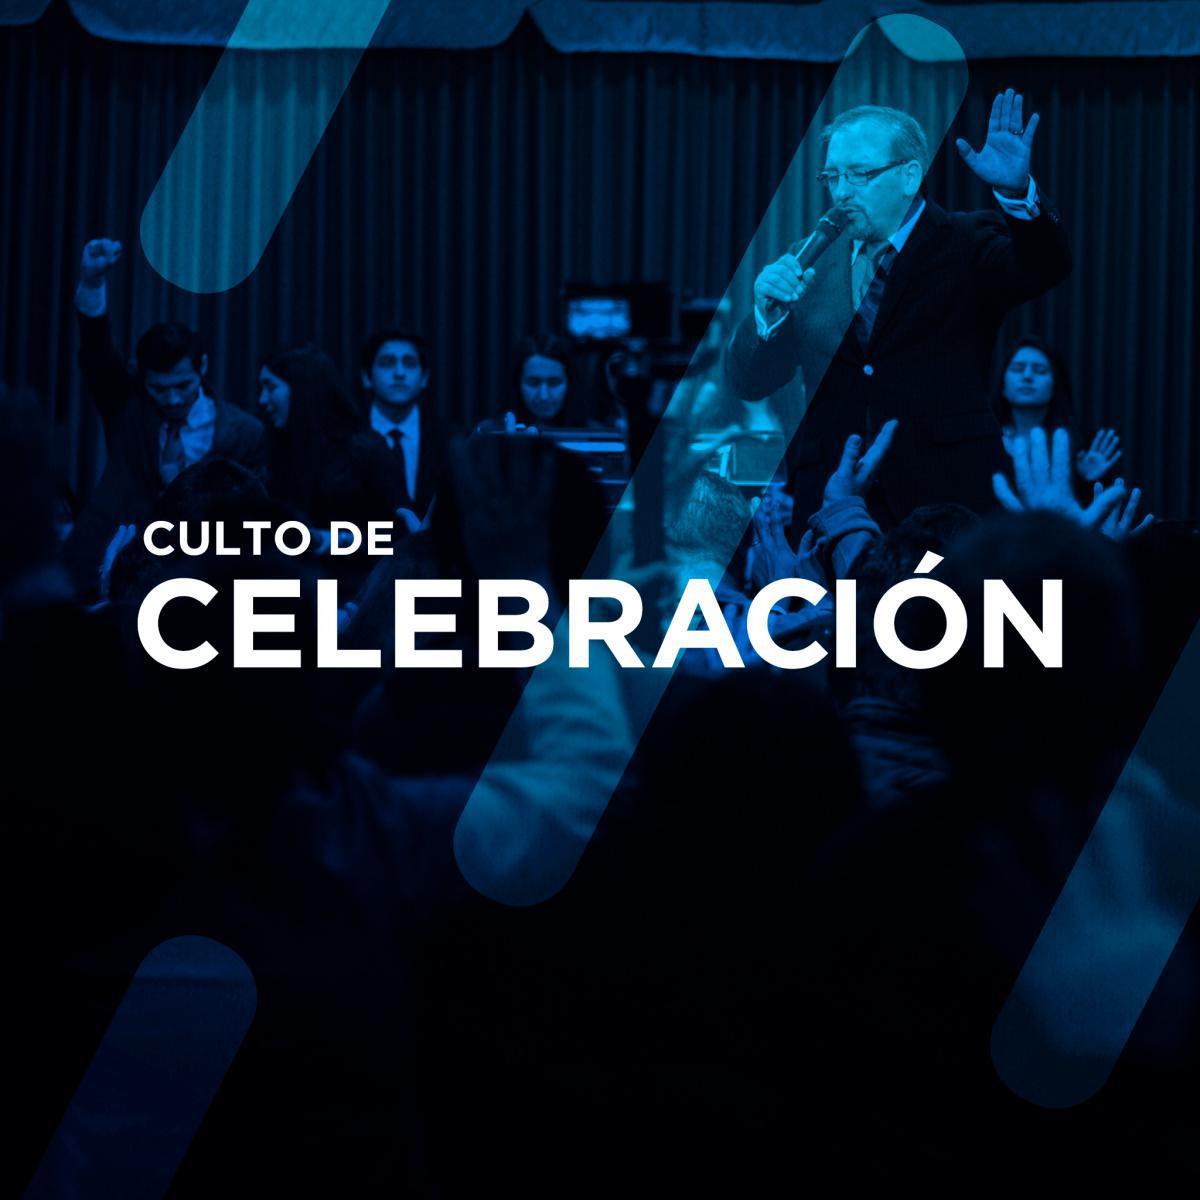 Culto de Celebración